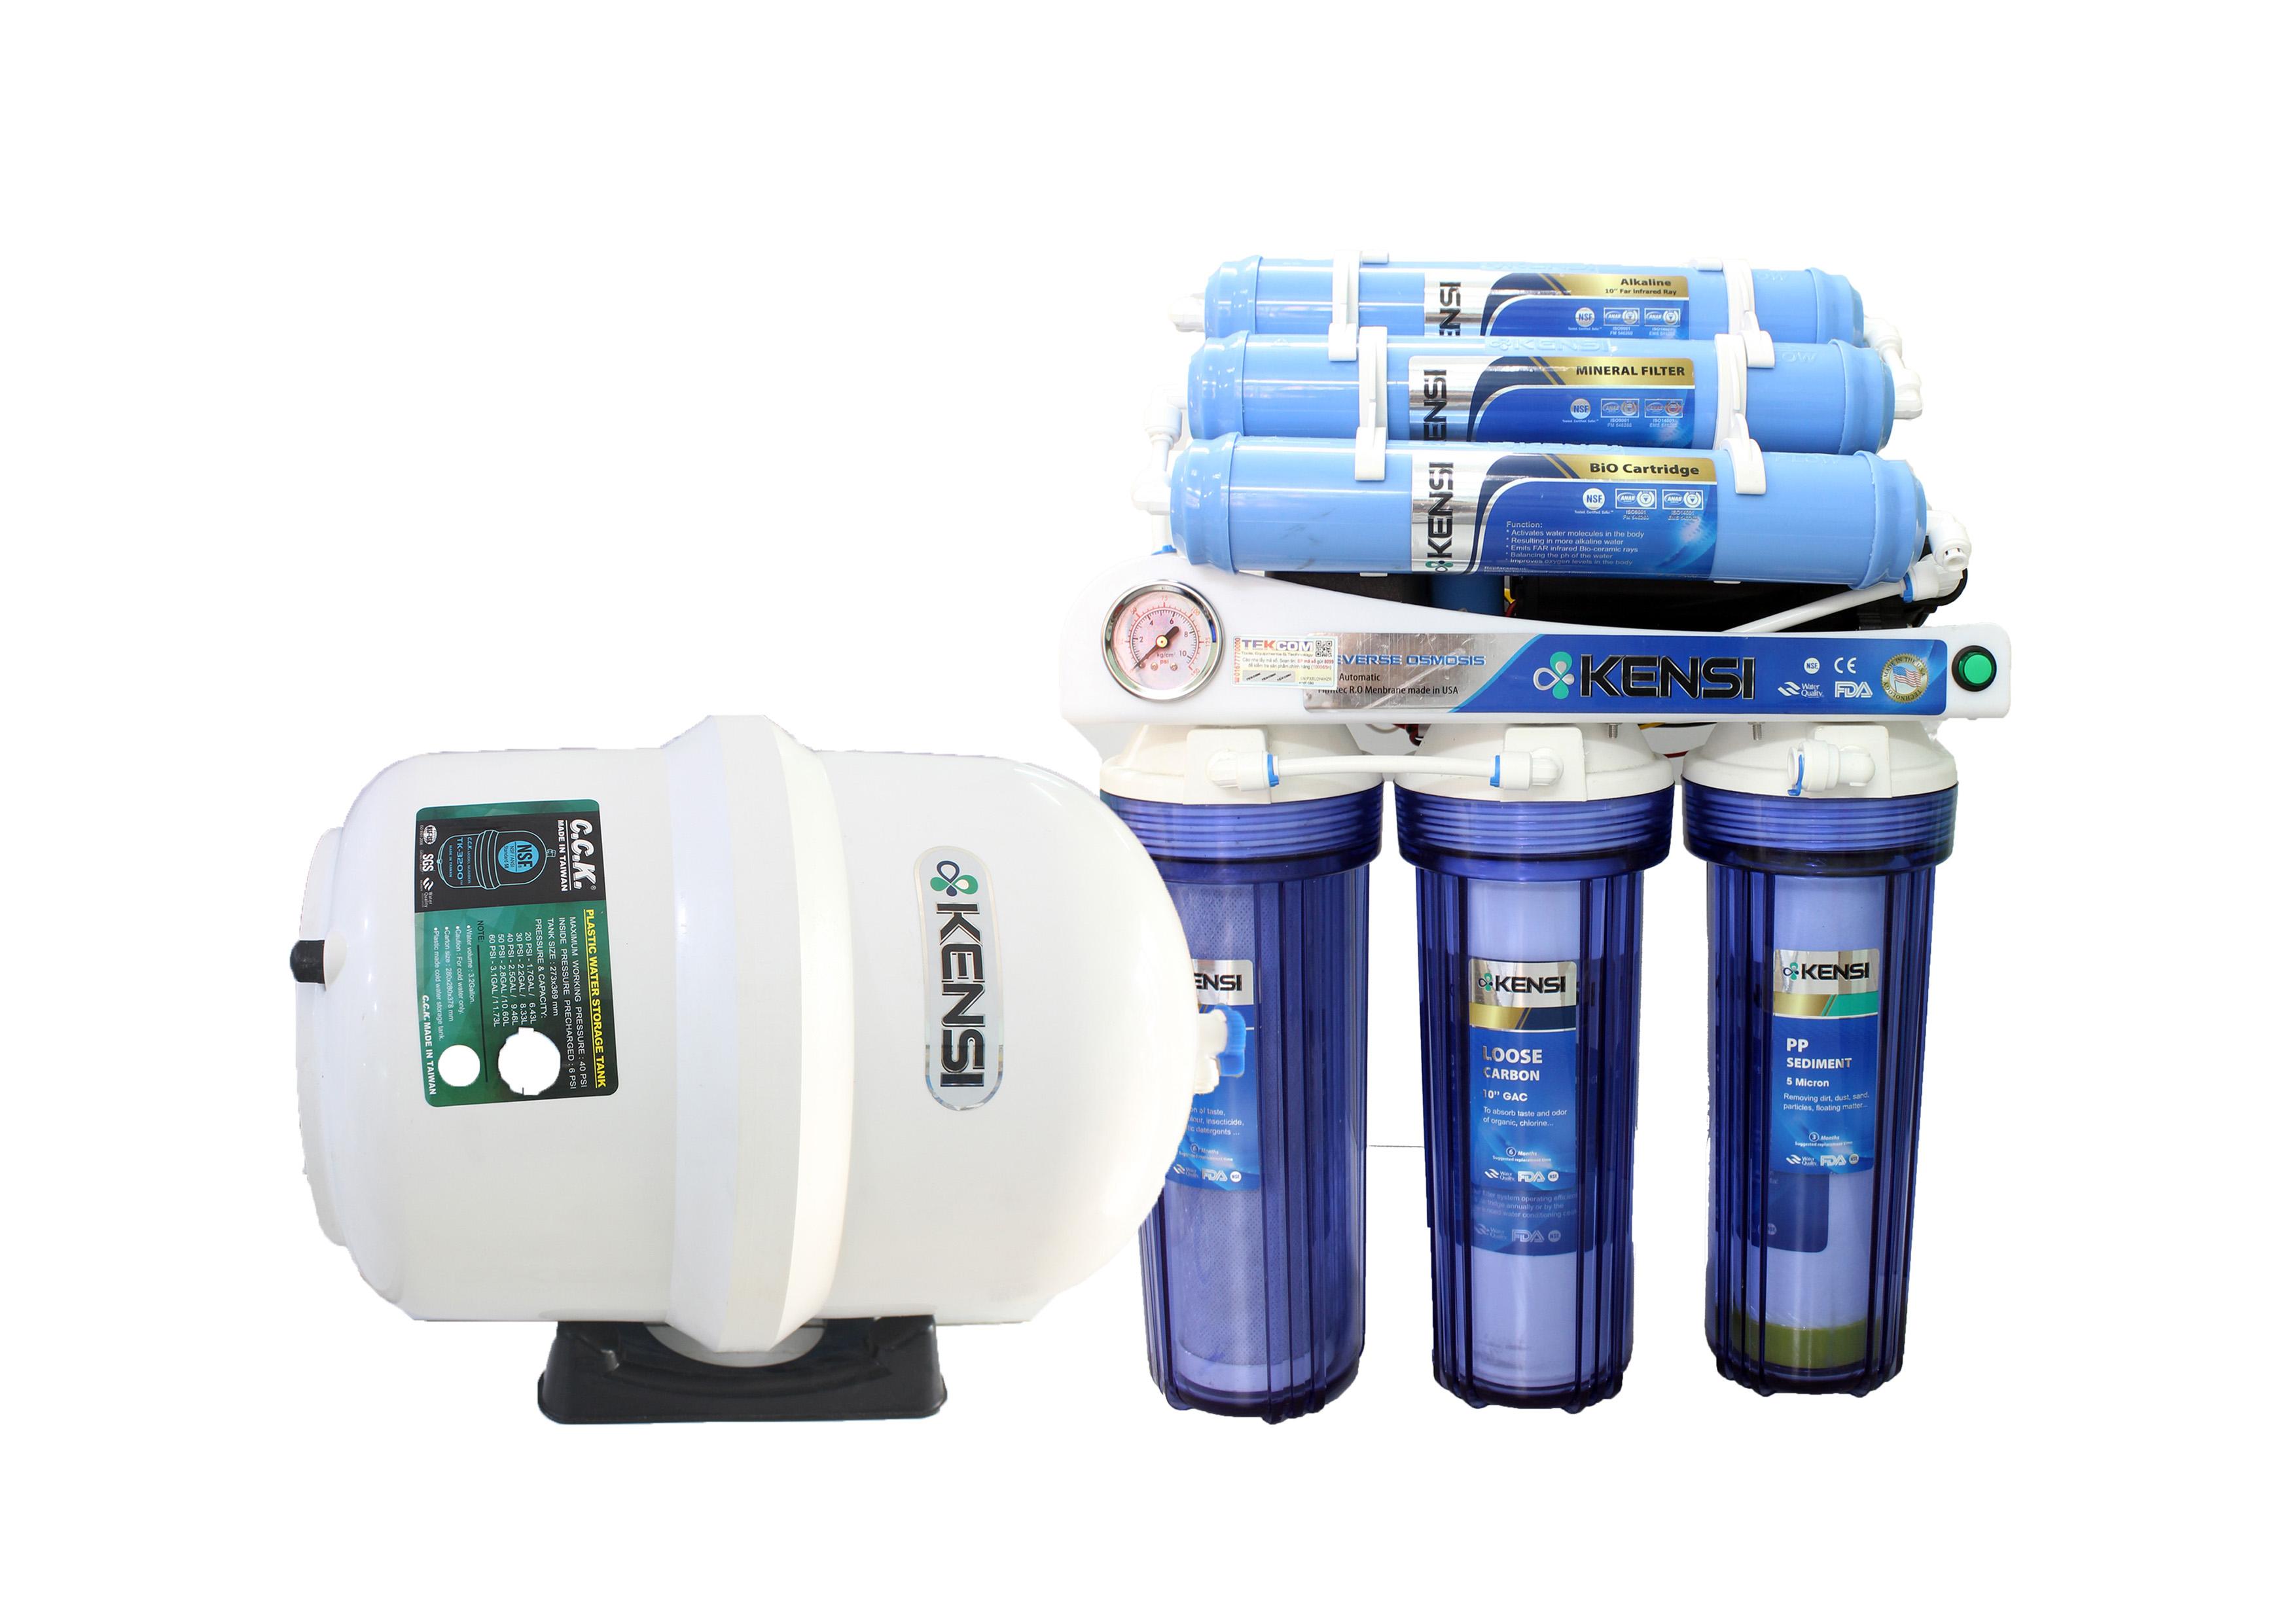 Đảm bảo sản phẩm máy lọc nước đúng hãng, mang lại chất lượng nước ngọt đạt tiêu chí